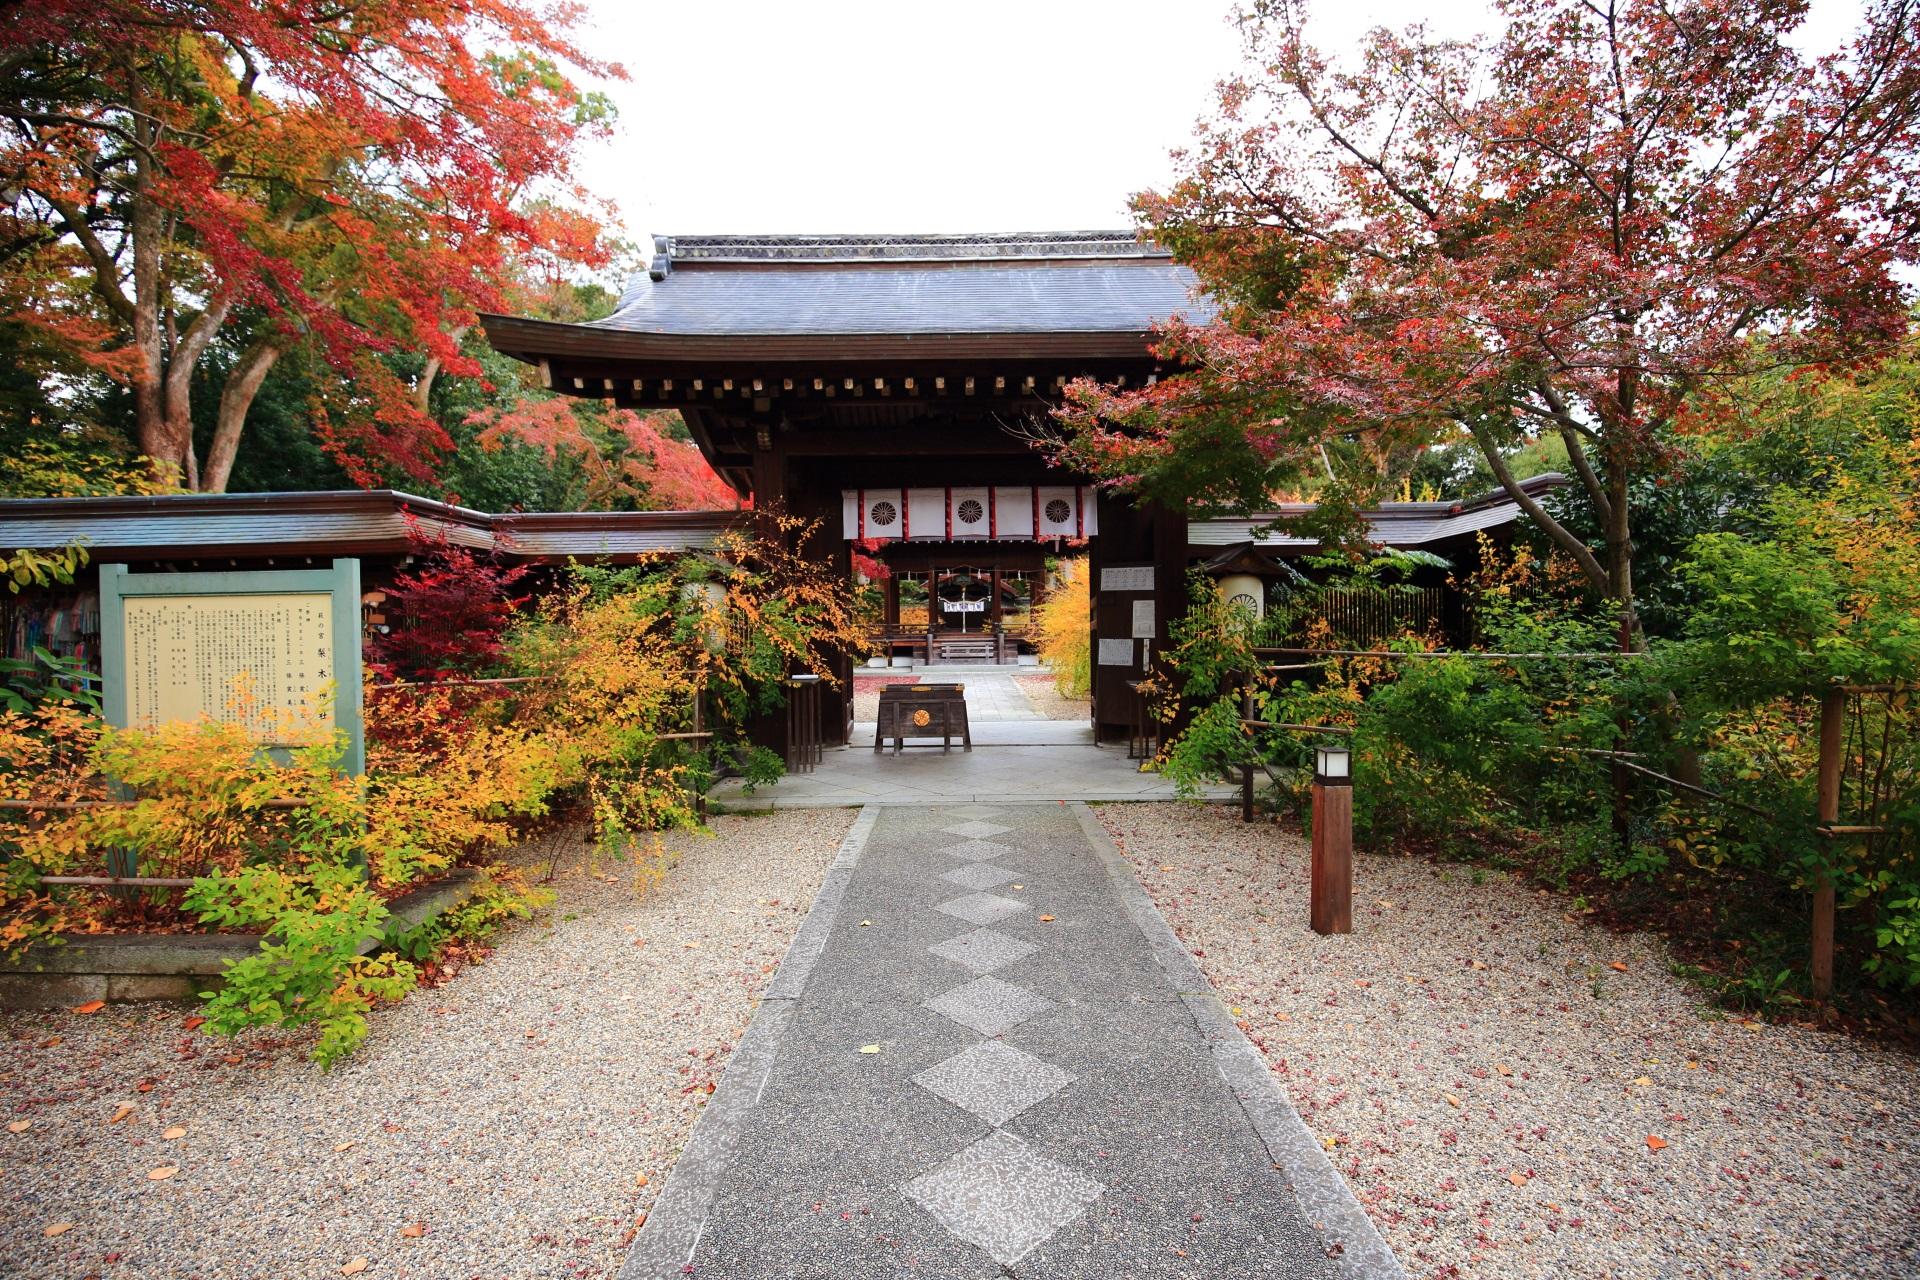 奥に拝殿や本殿がある梨木神社の神門と紅葉